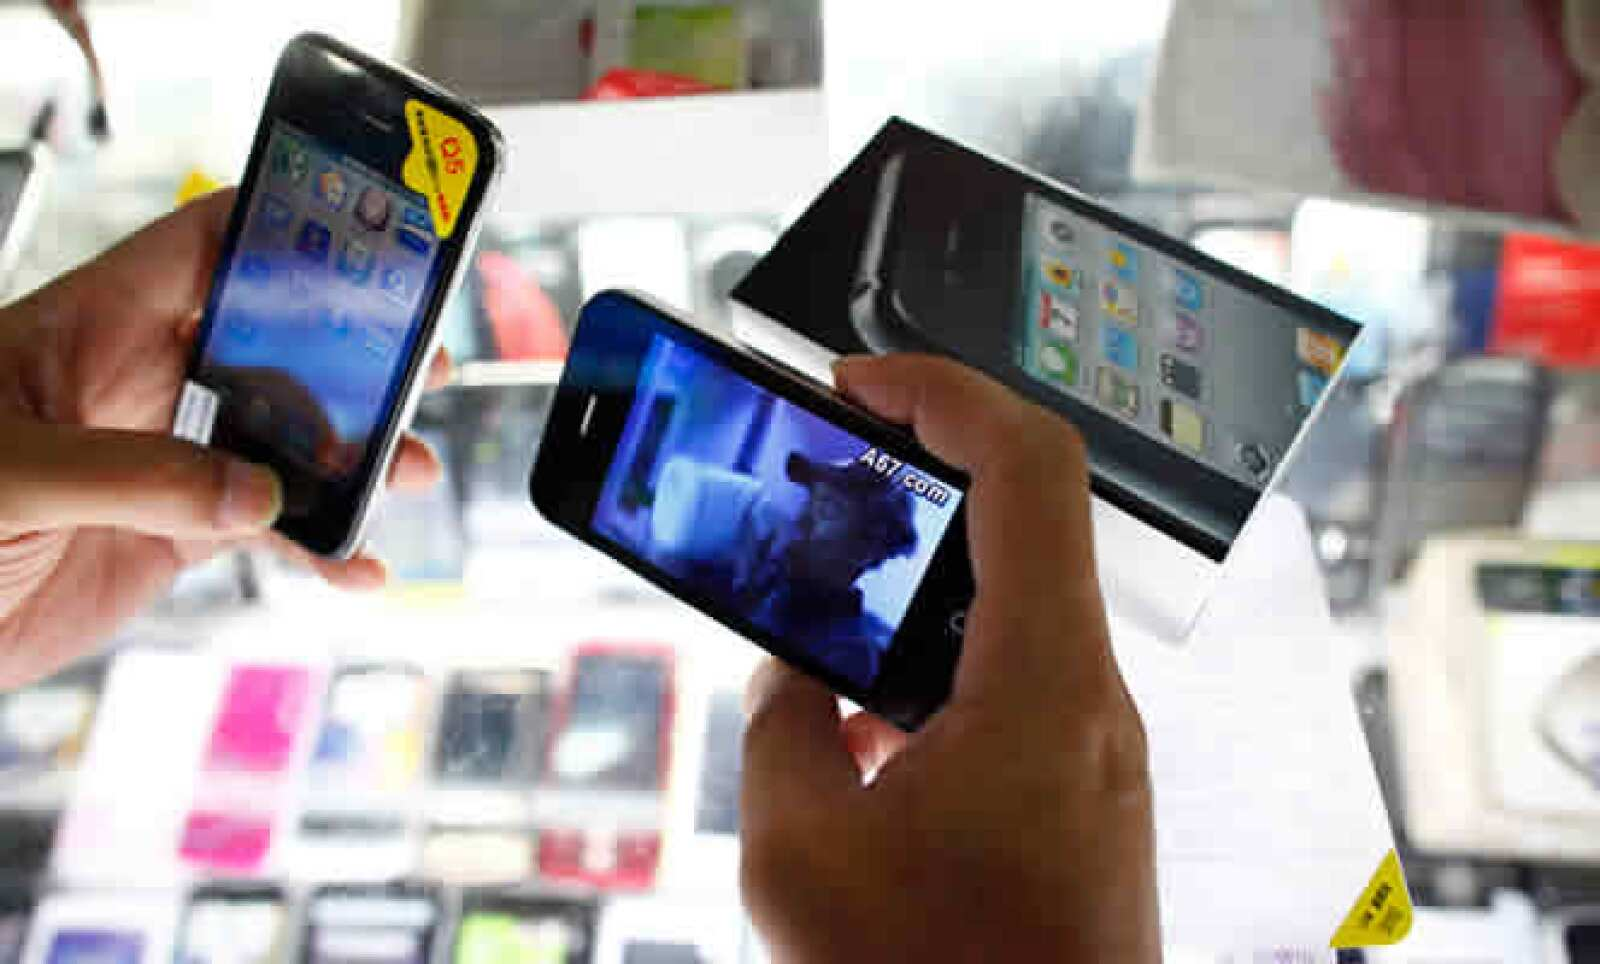 Apple aún no confirma ni la fecha, ni los detalles de la nueva generación del dispositivo, pero en China ya se 'vende'.